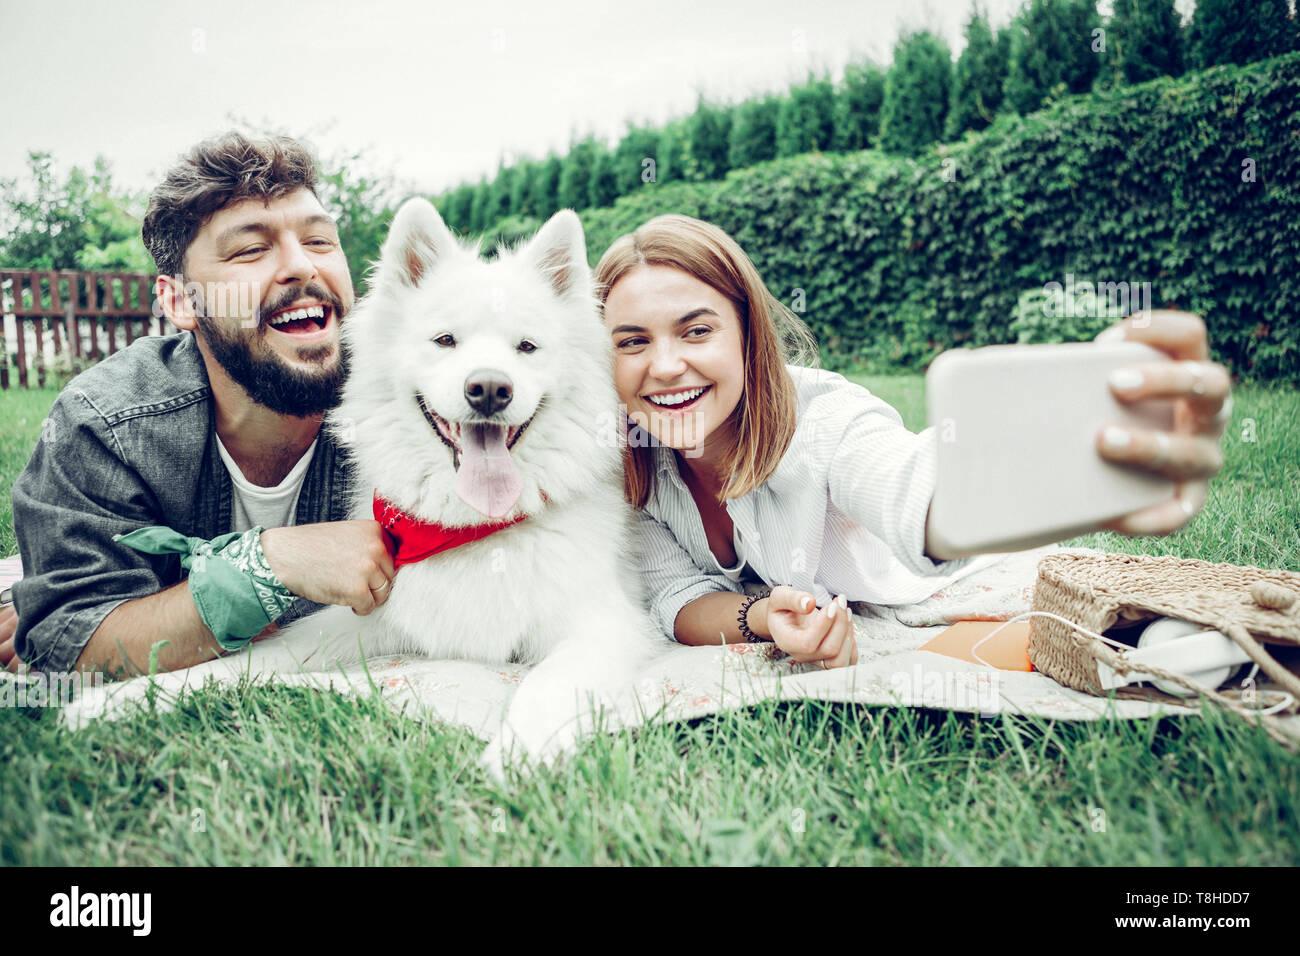 Schönes Paar verbringt Zeit mit einem Hund und unter selfie. Stockbild